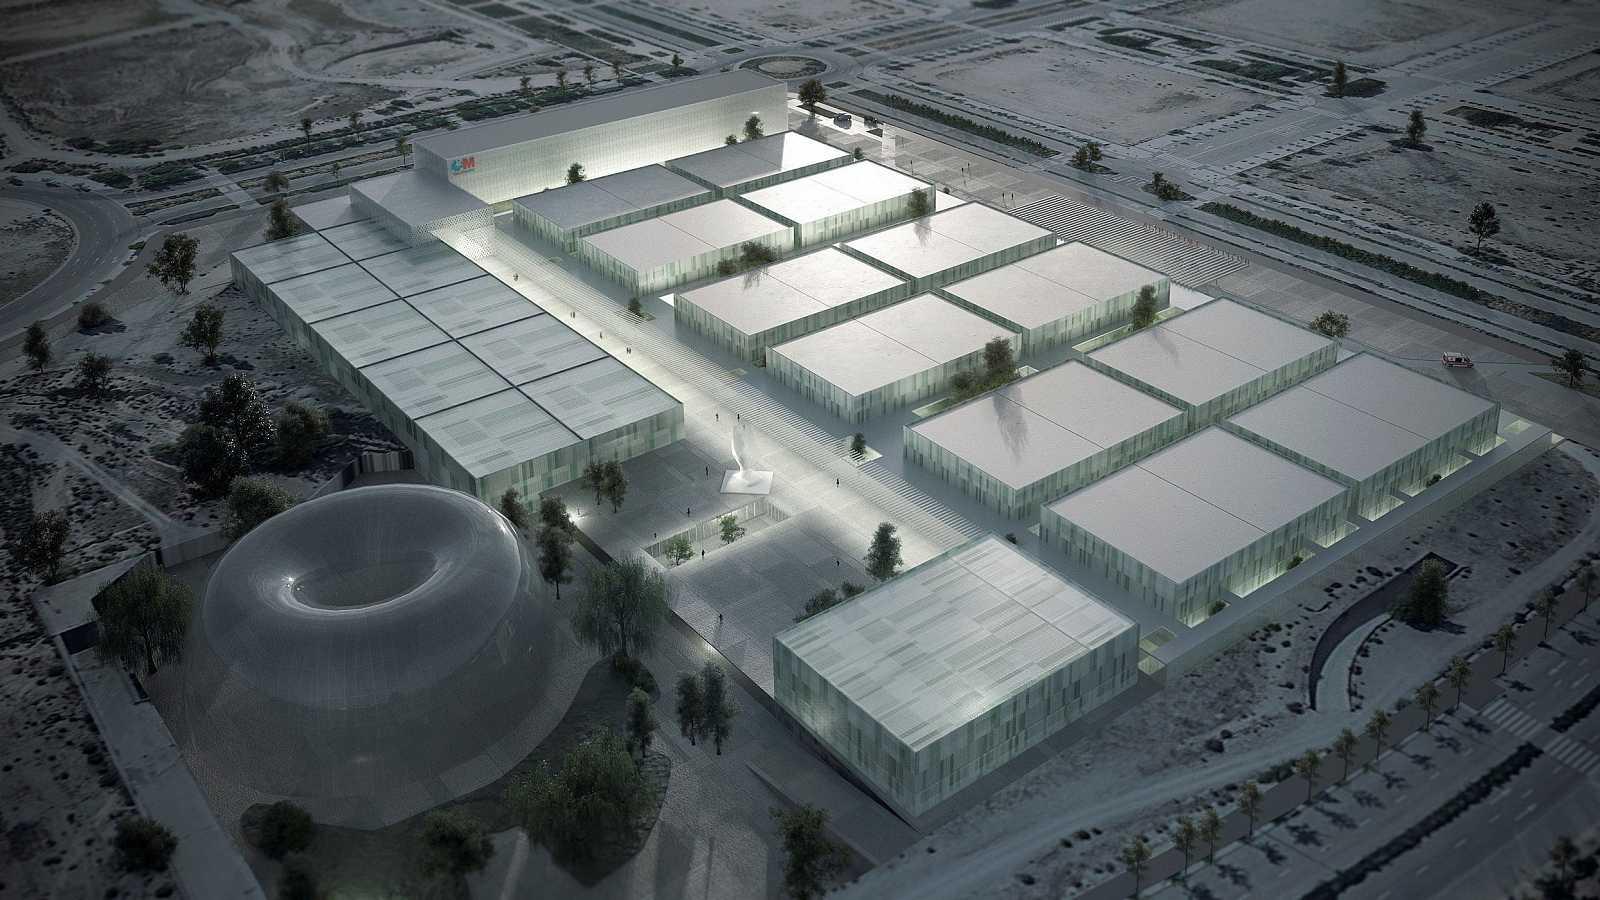 Maqueta del nuevo Hospital de Emergencias, que se construirá en Valdebebas, junto al Aeropuerto de Barajas.